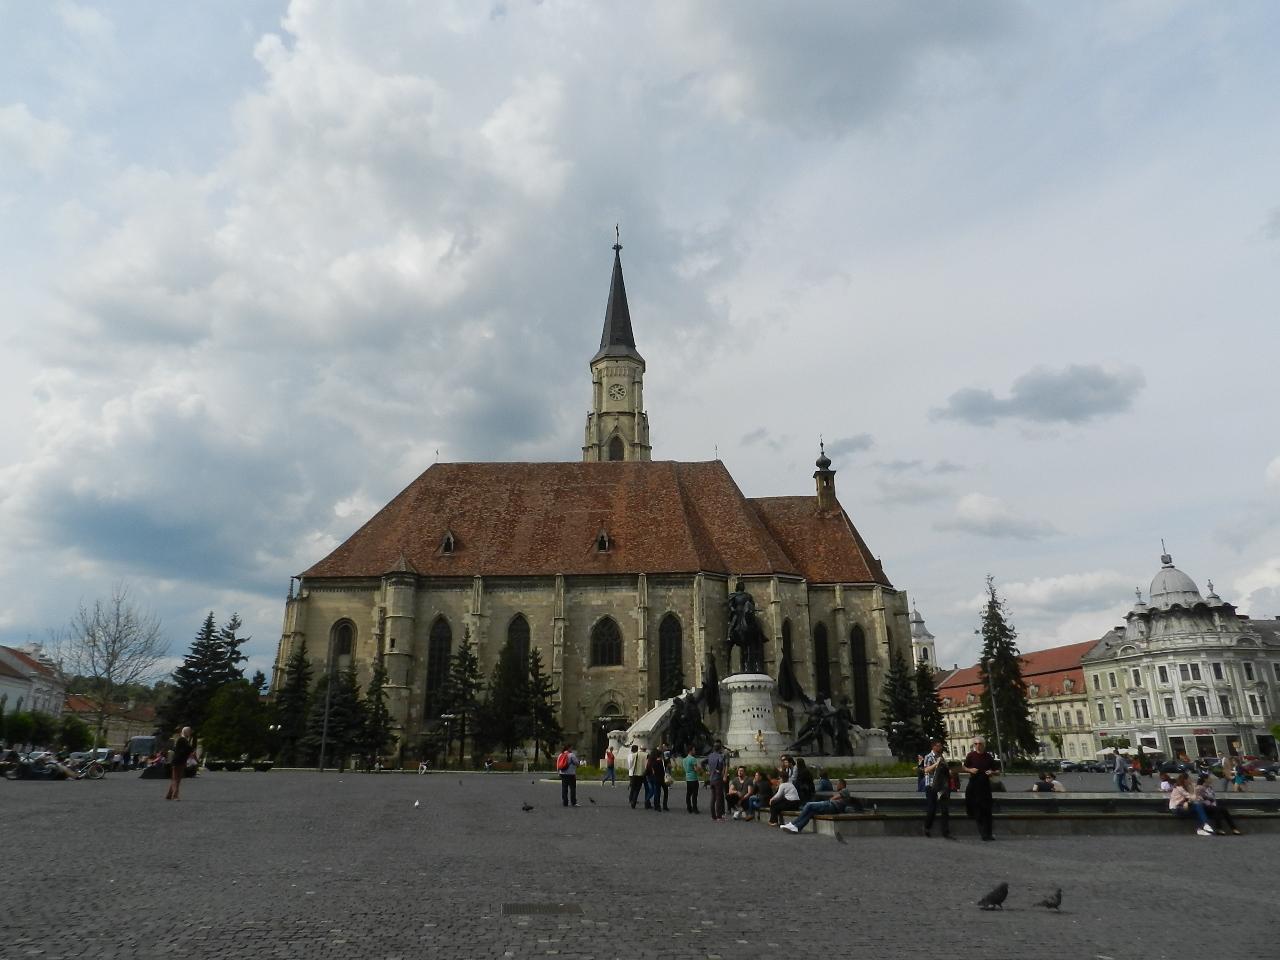 Numărul străinilor a crescut în Cluj. Francezii sunt cei mai mulți!